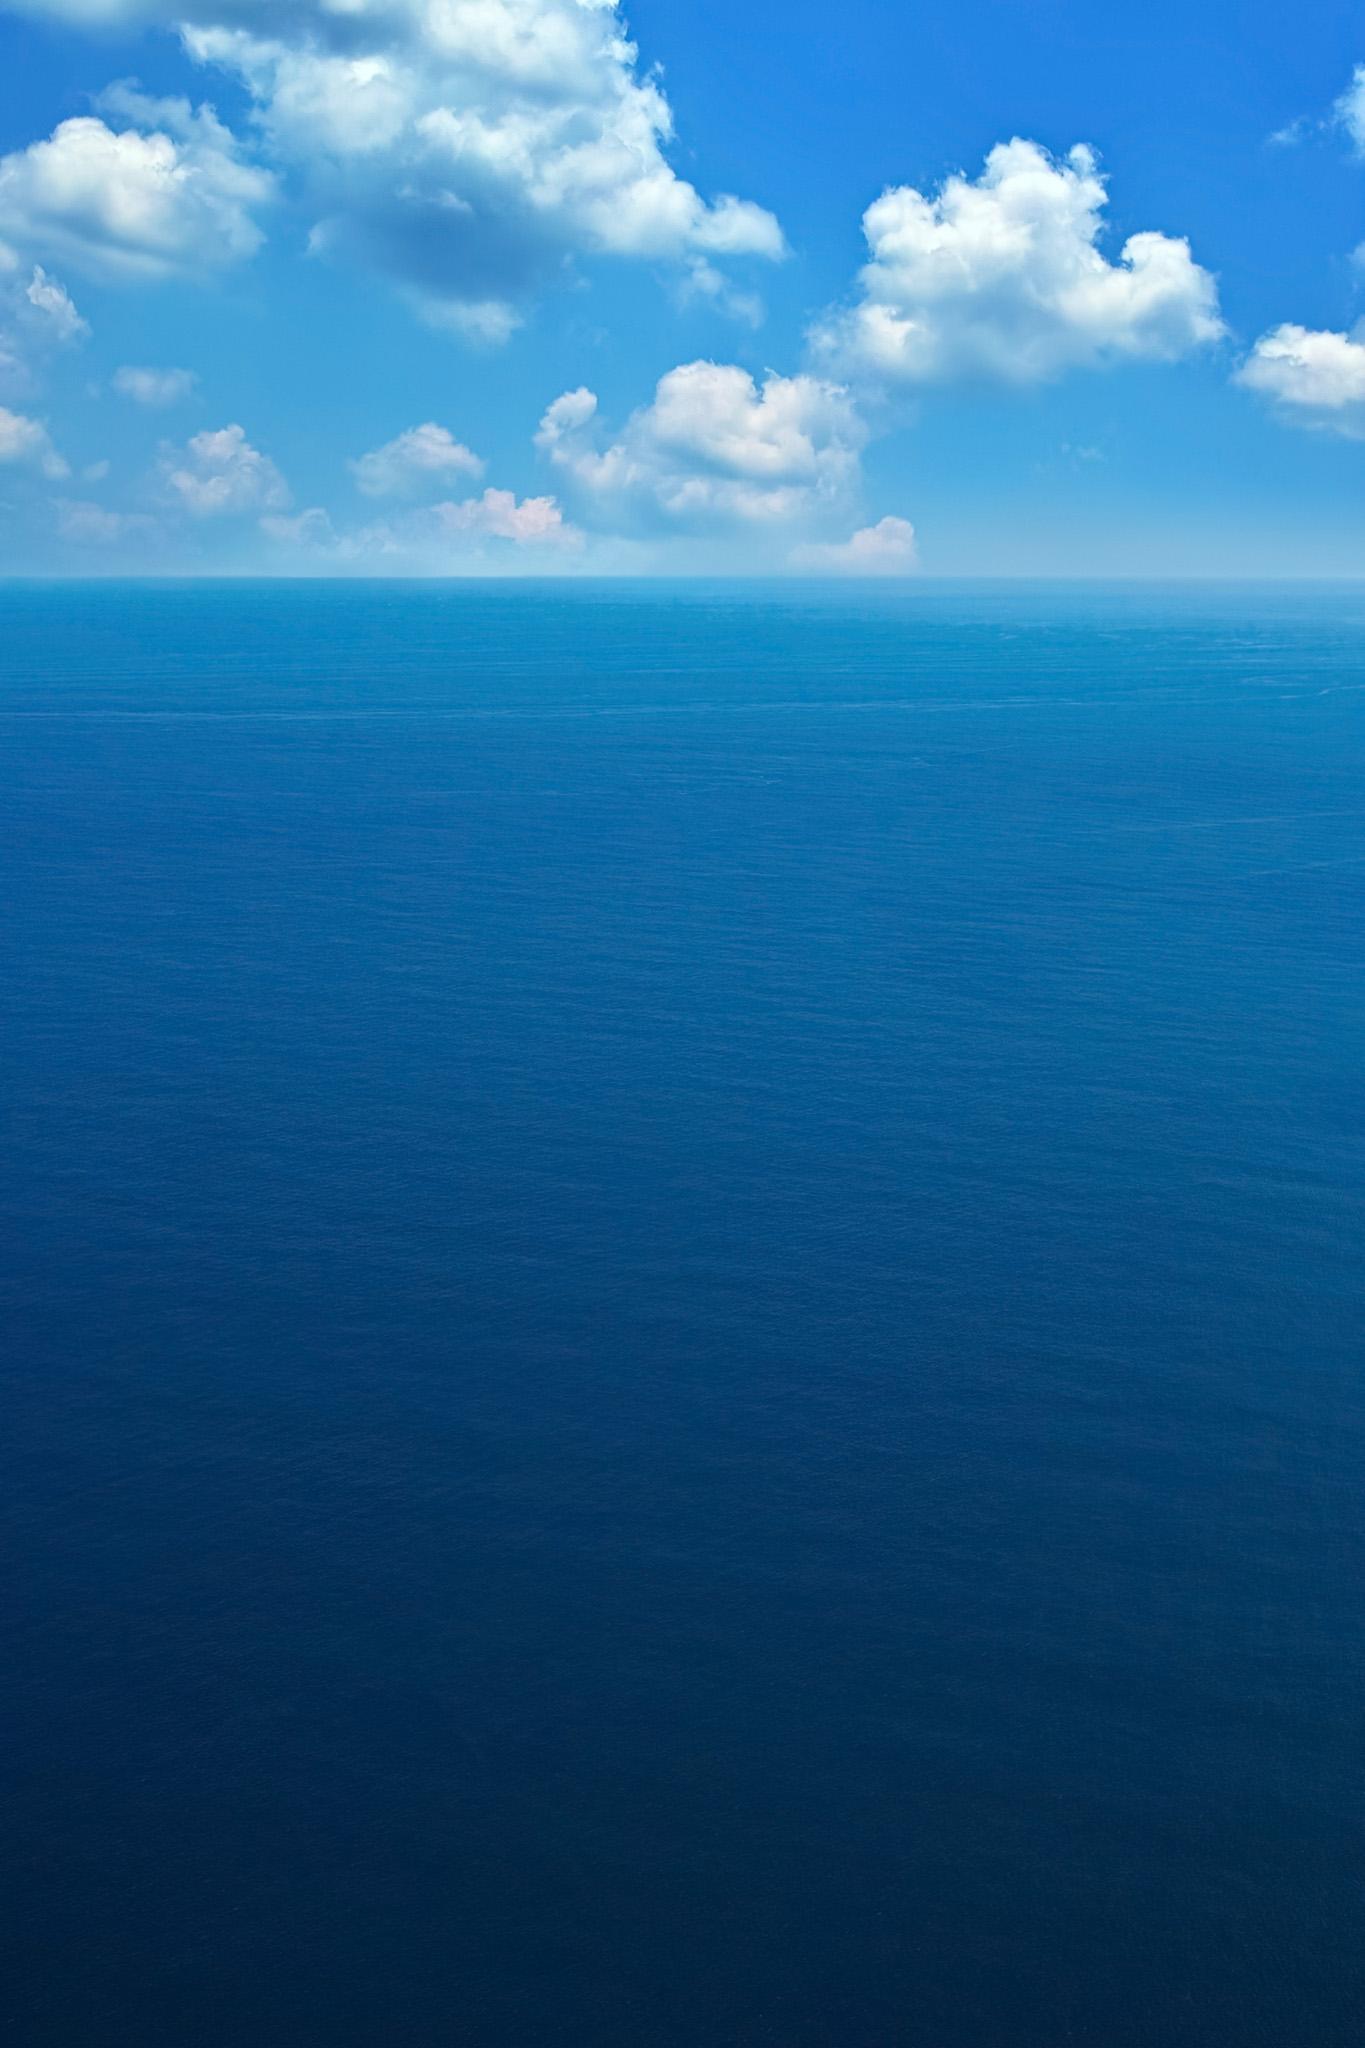 「広大な青い海と空」